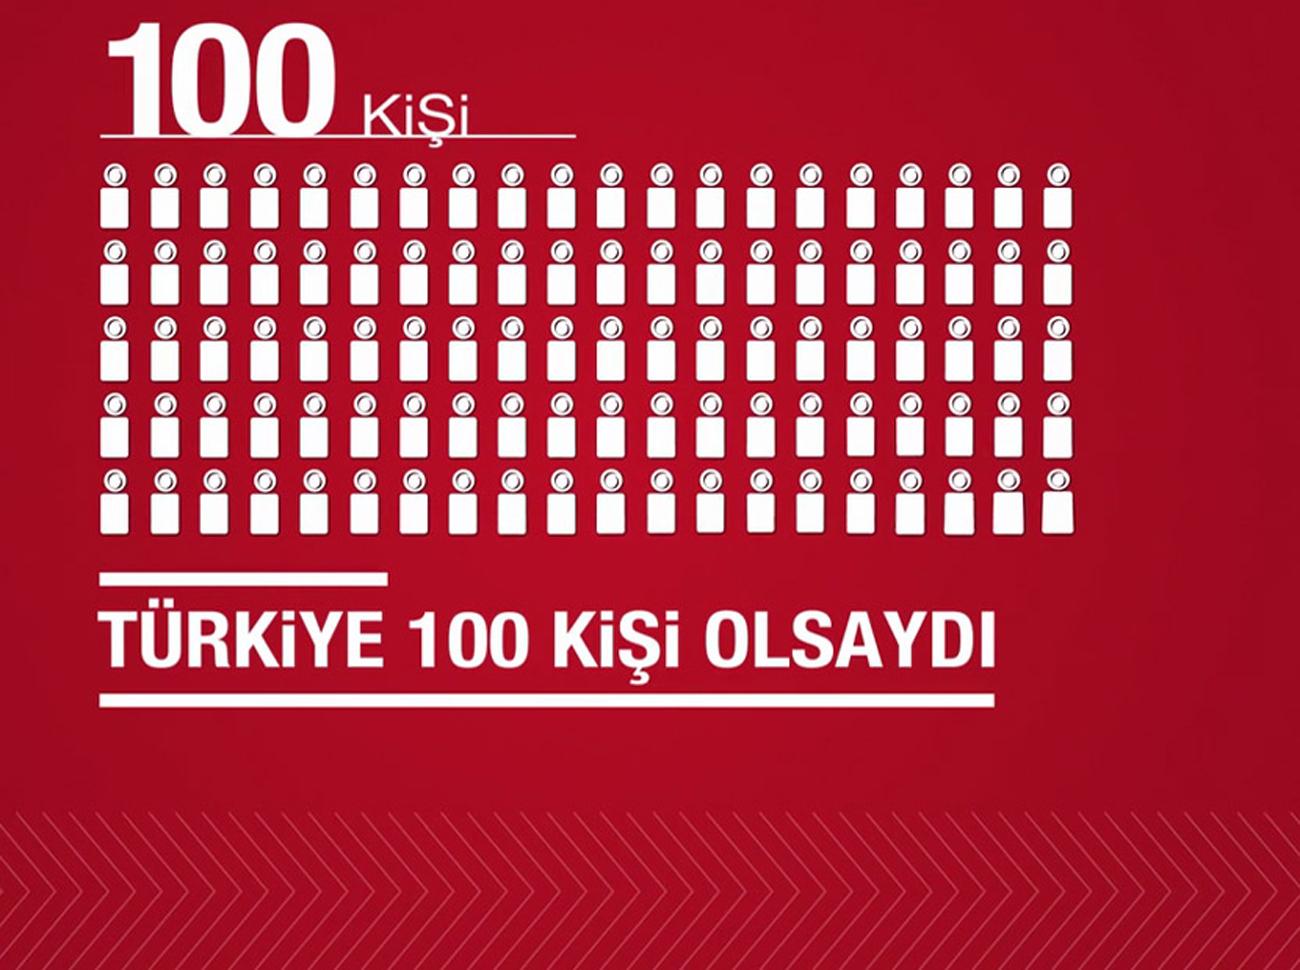 Türkiye 100 Kişi Olsaydı Araştırması